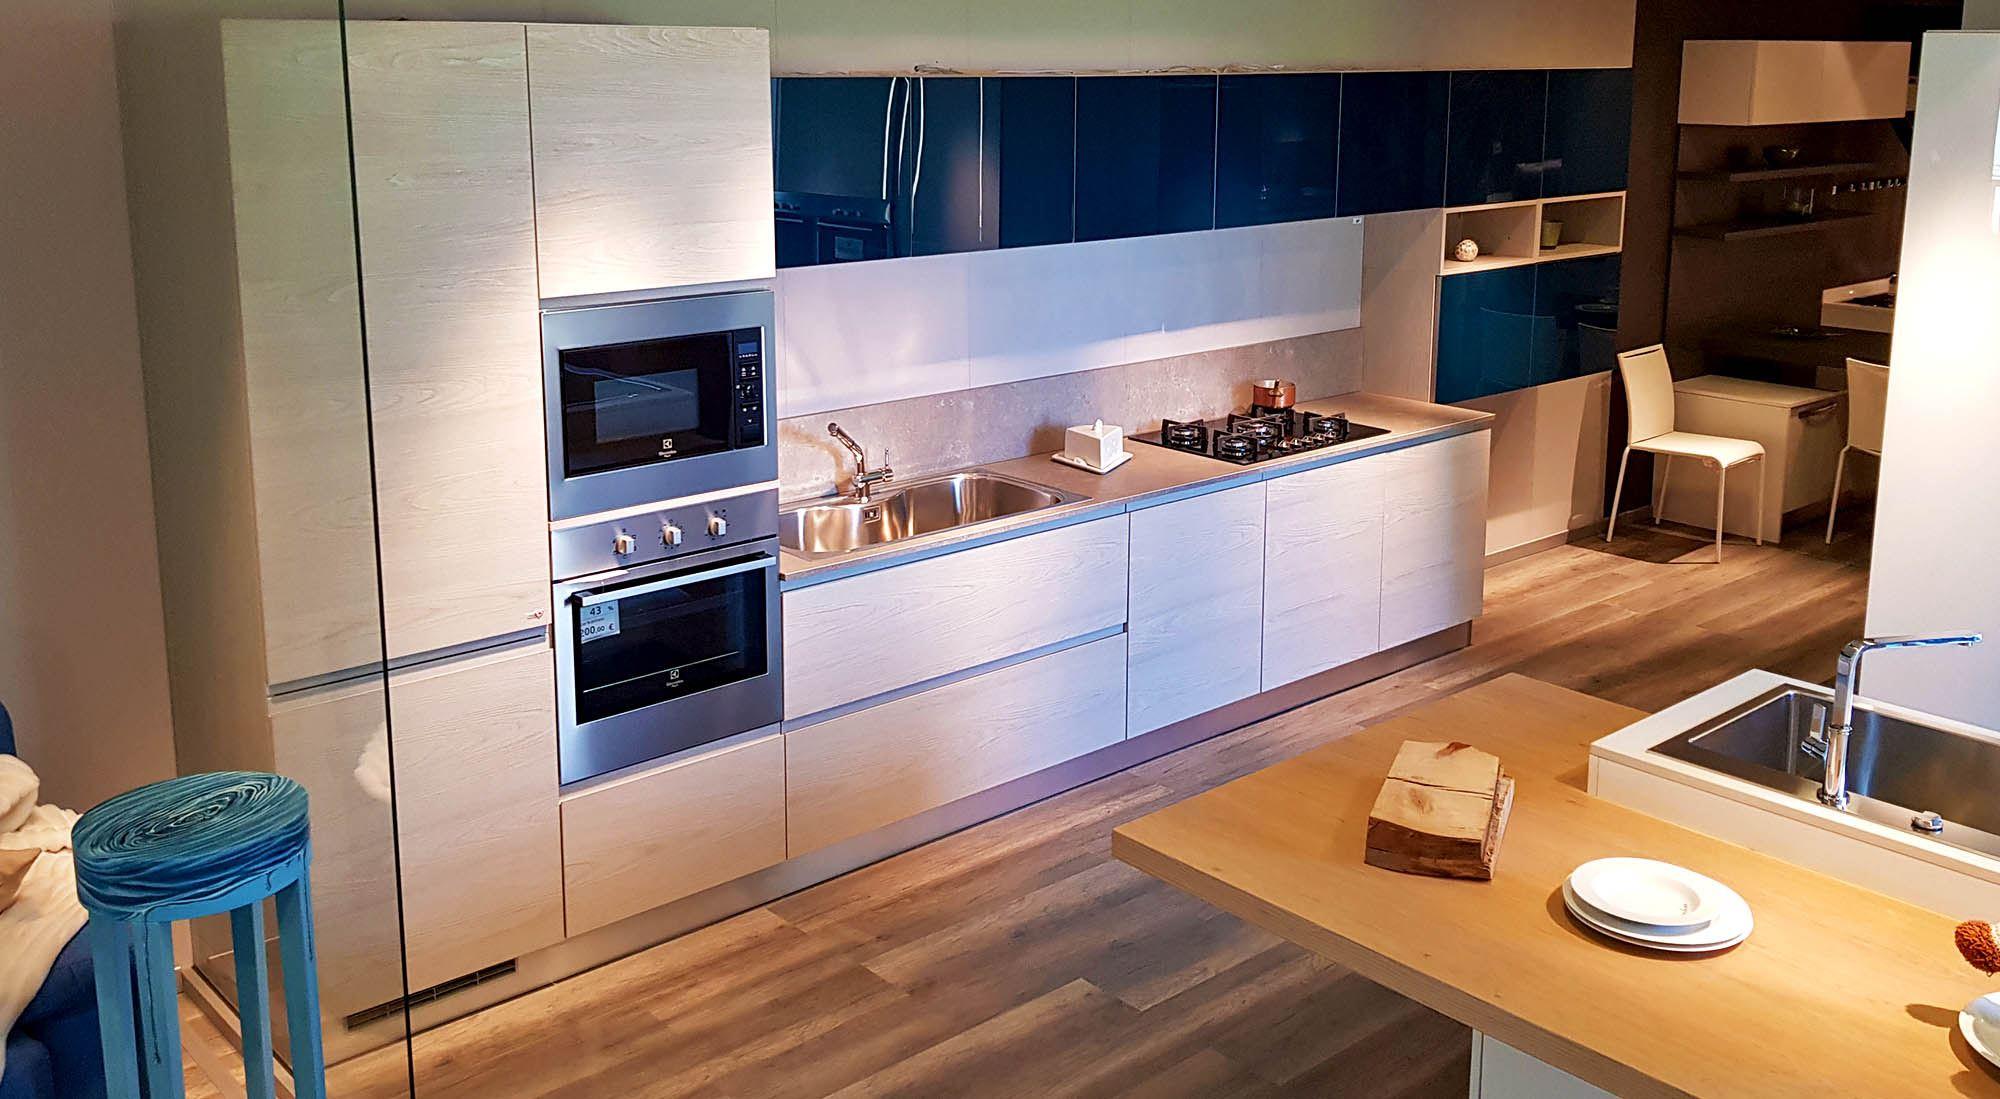 Cucina anta maniglia con pensili in vetro blu cobalto - Arredamenti ...